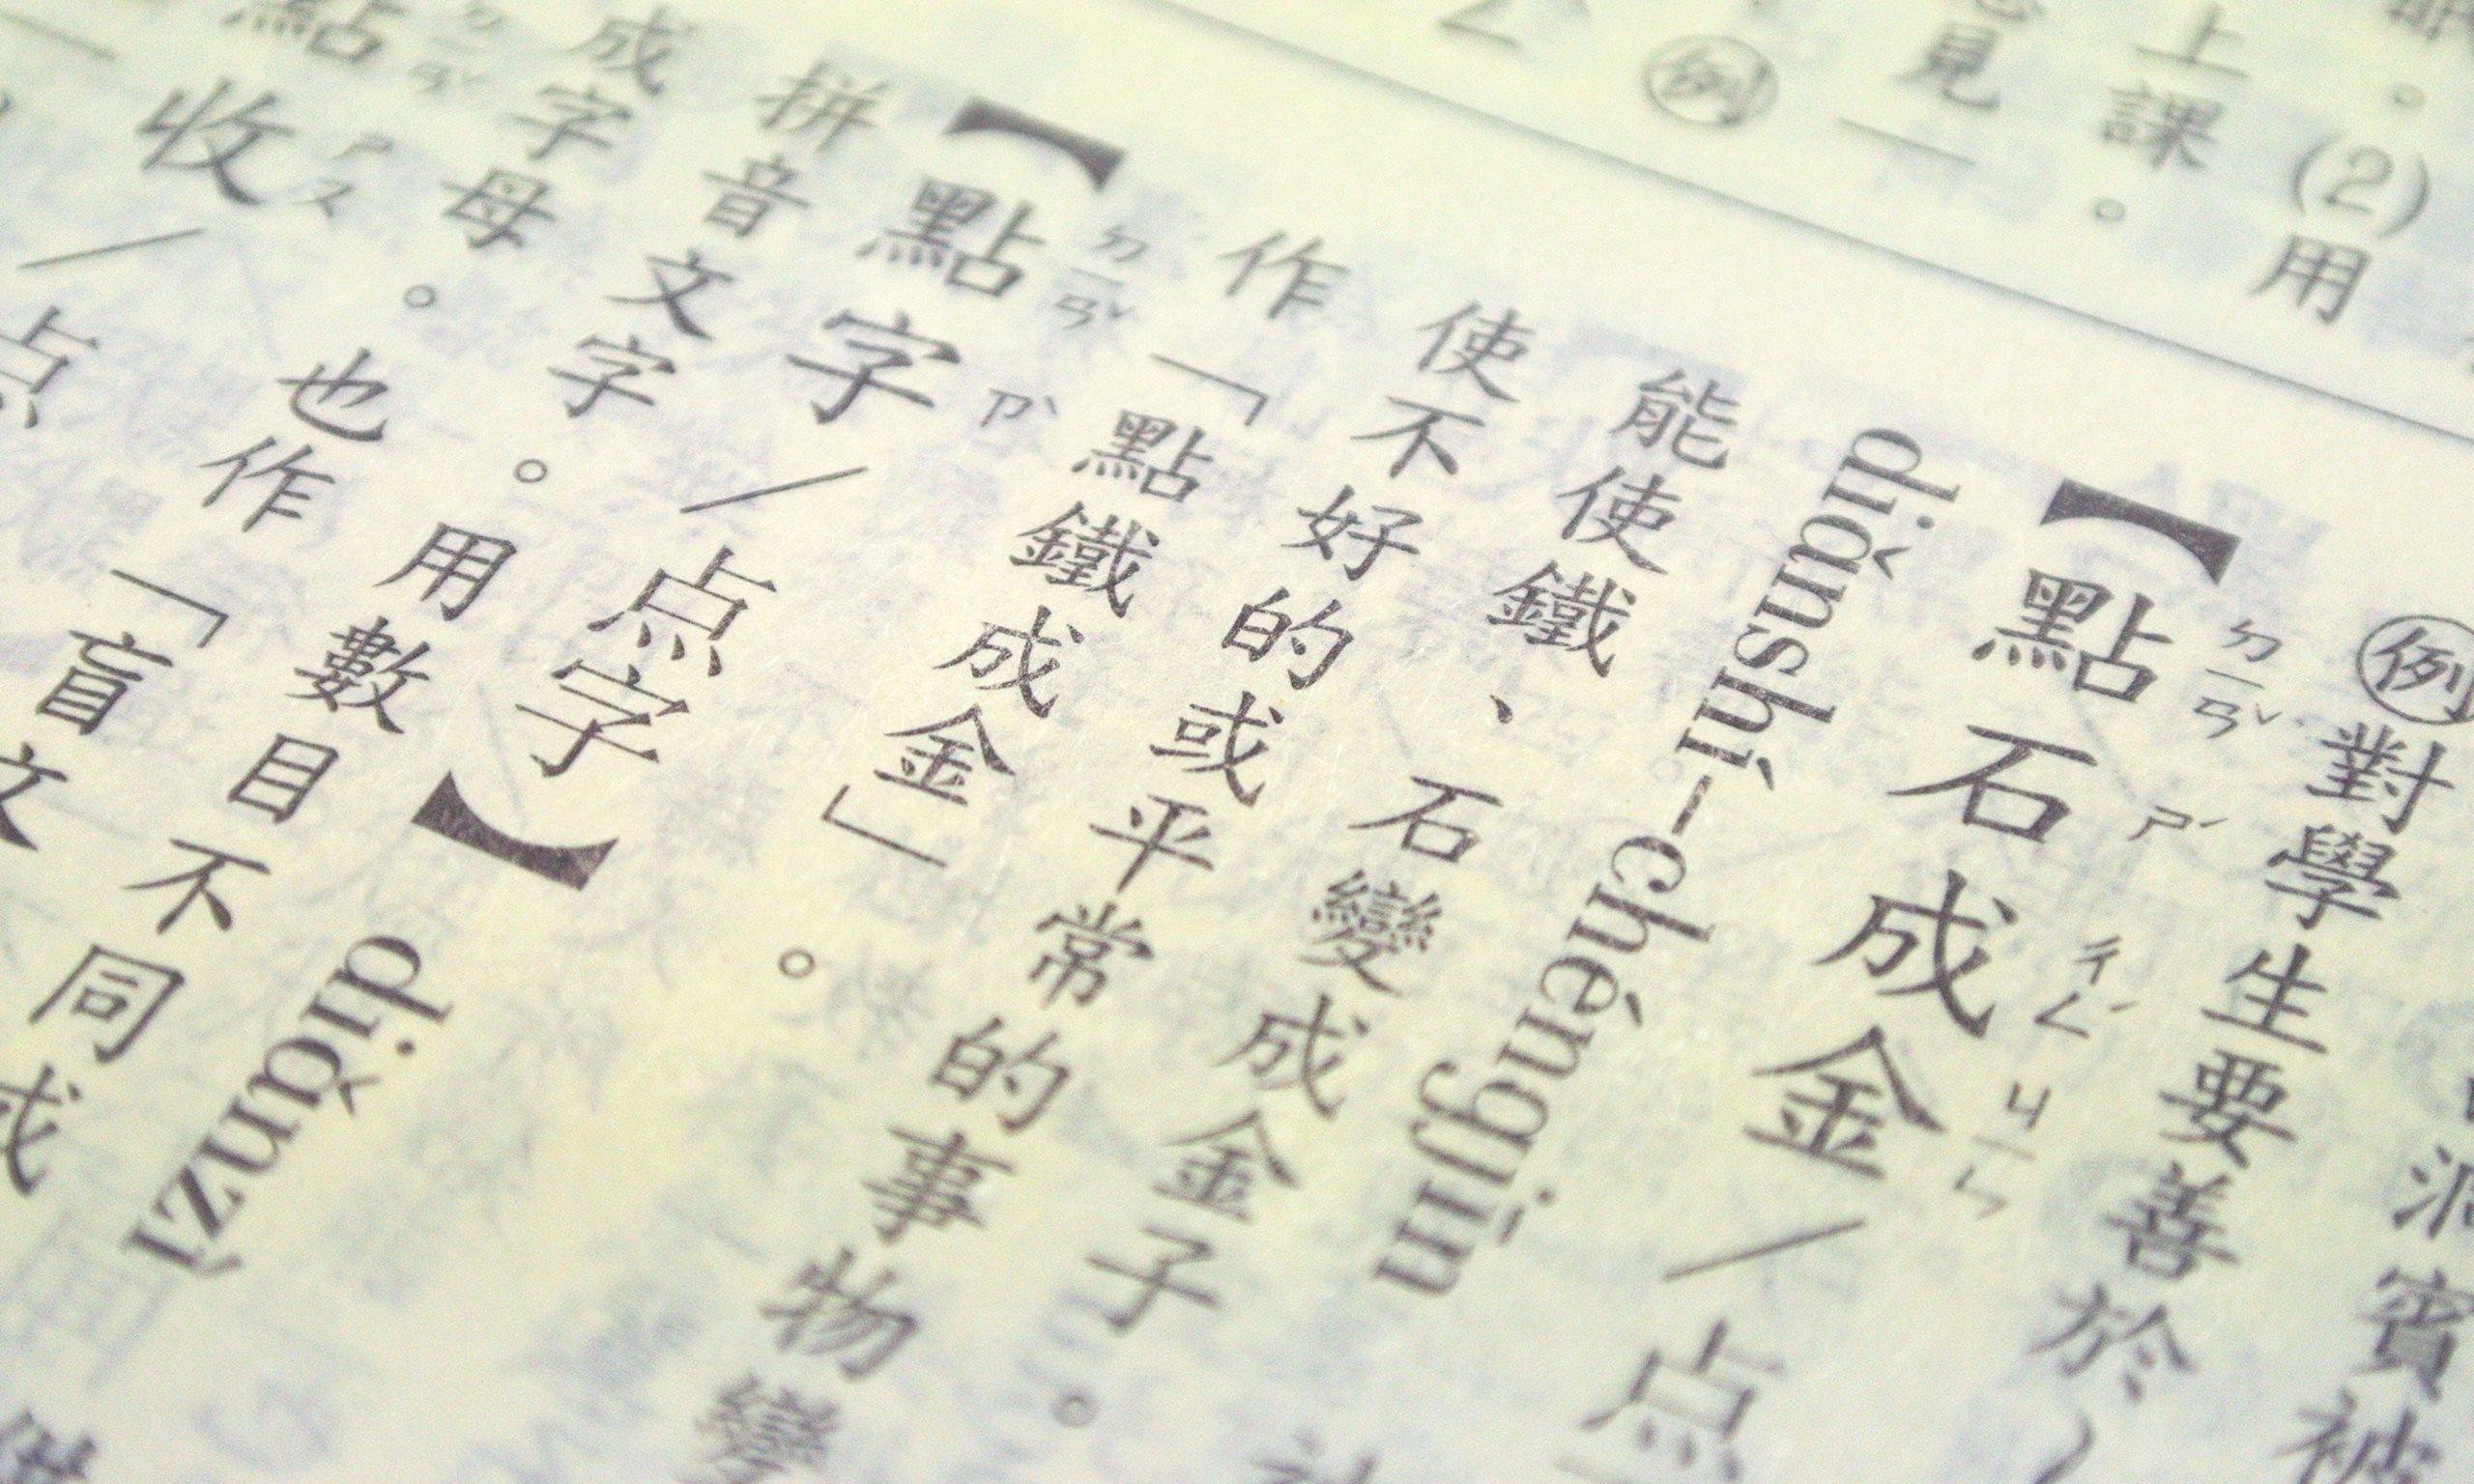 集眾人之手成眾人之事 - 編纂詞典的二三事 / 郭榮芳